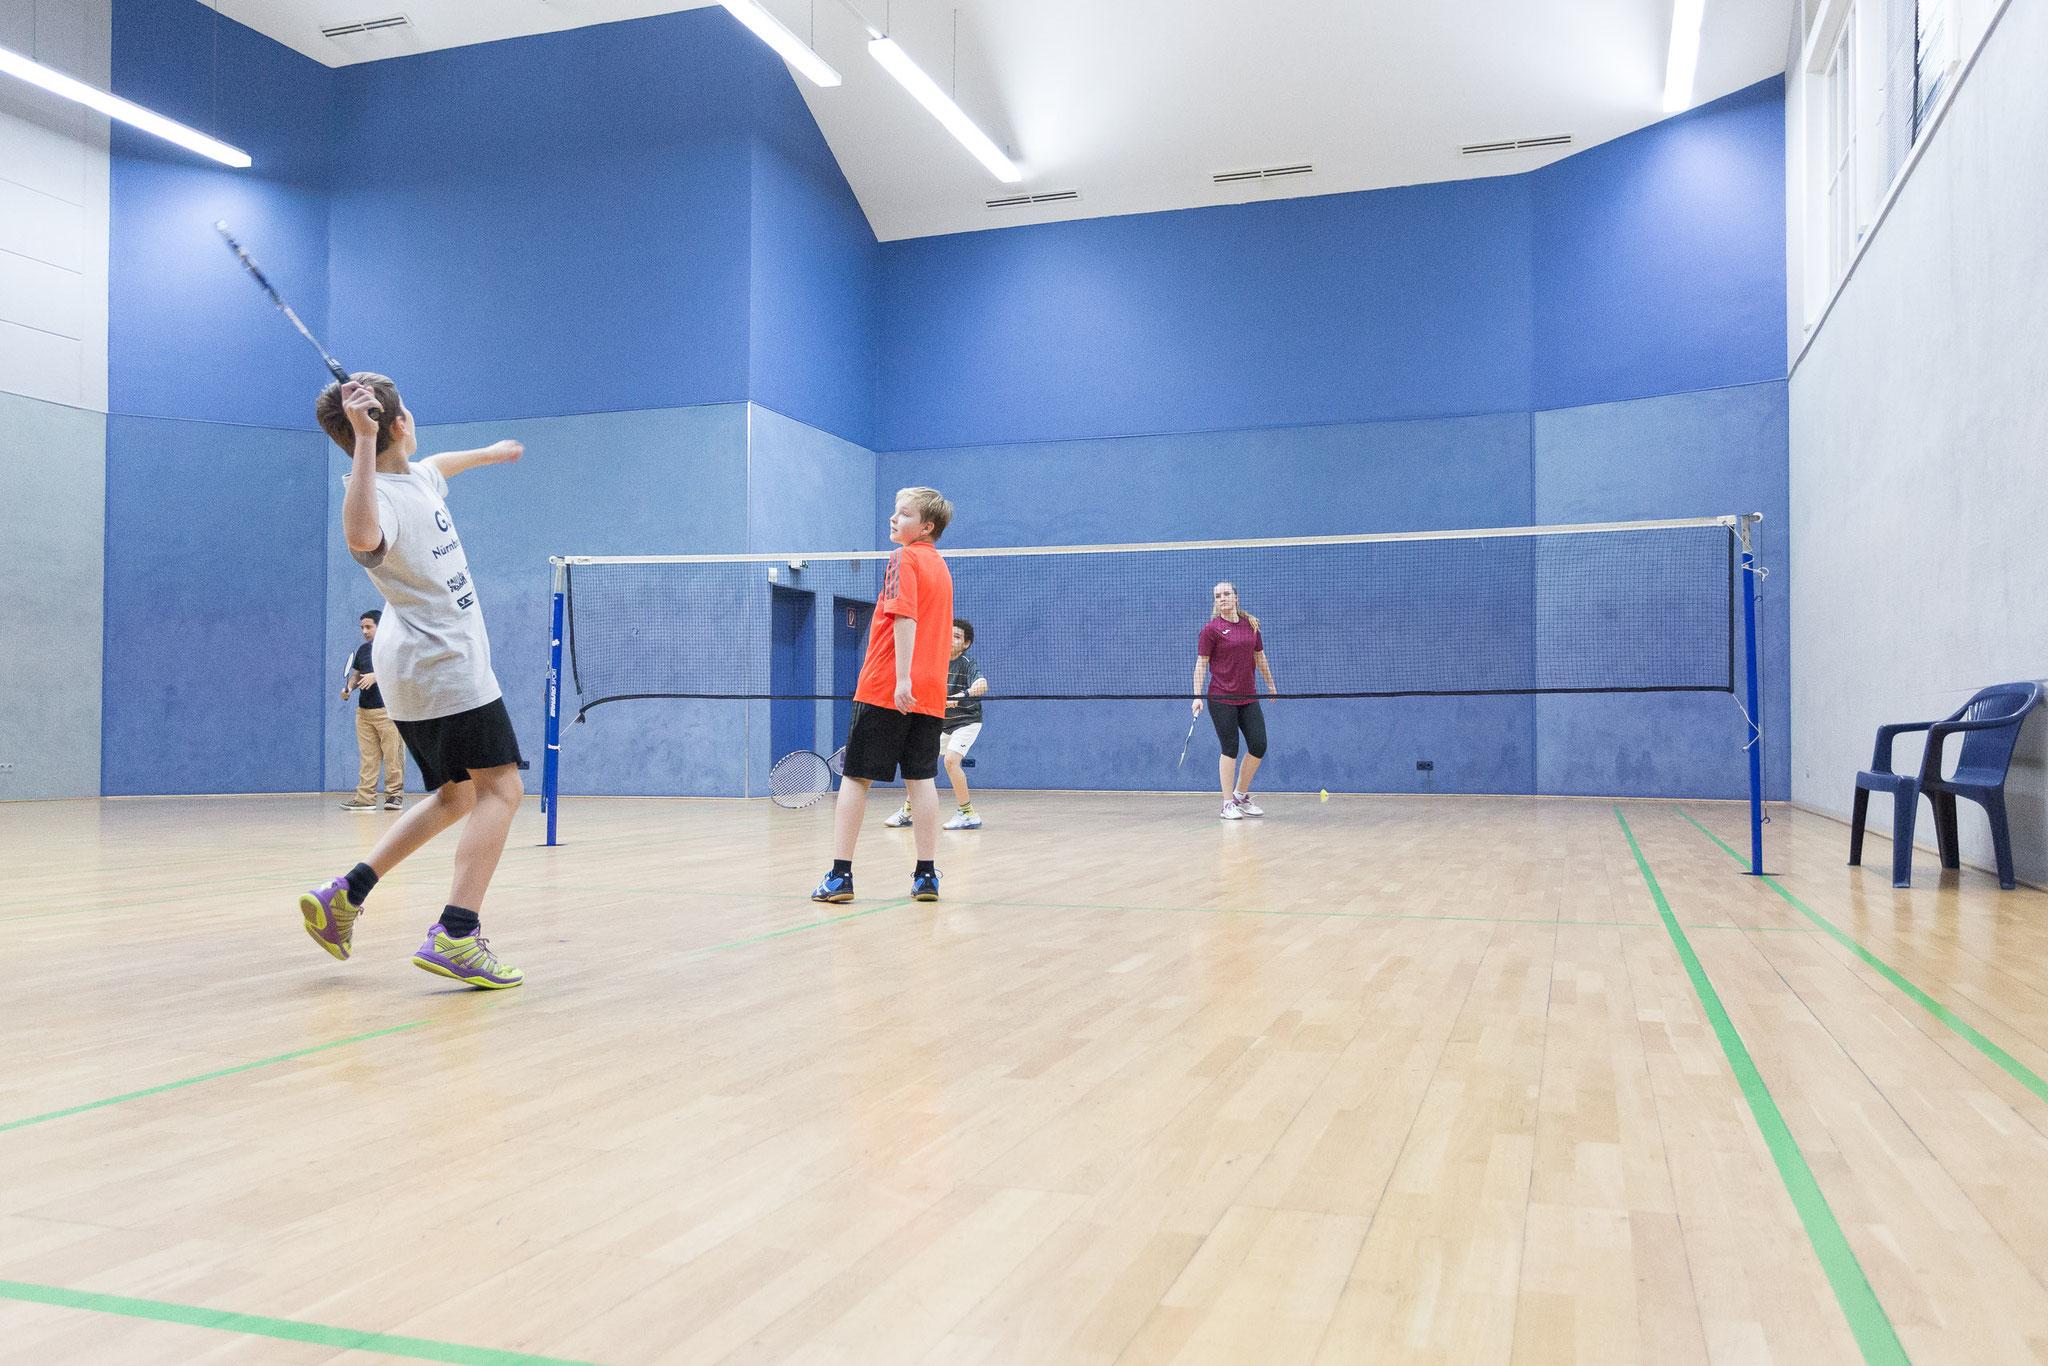 Die spezielle Beleuchtung sowie die Höhe der Halle verleihen dem Spieler ein Höchstmaß an Komfort und Spielgenuss.